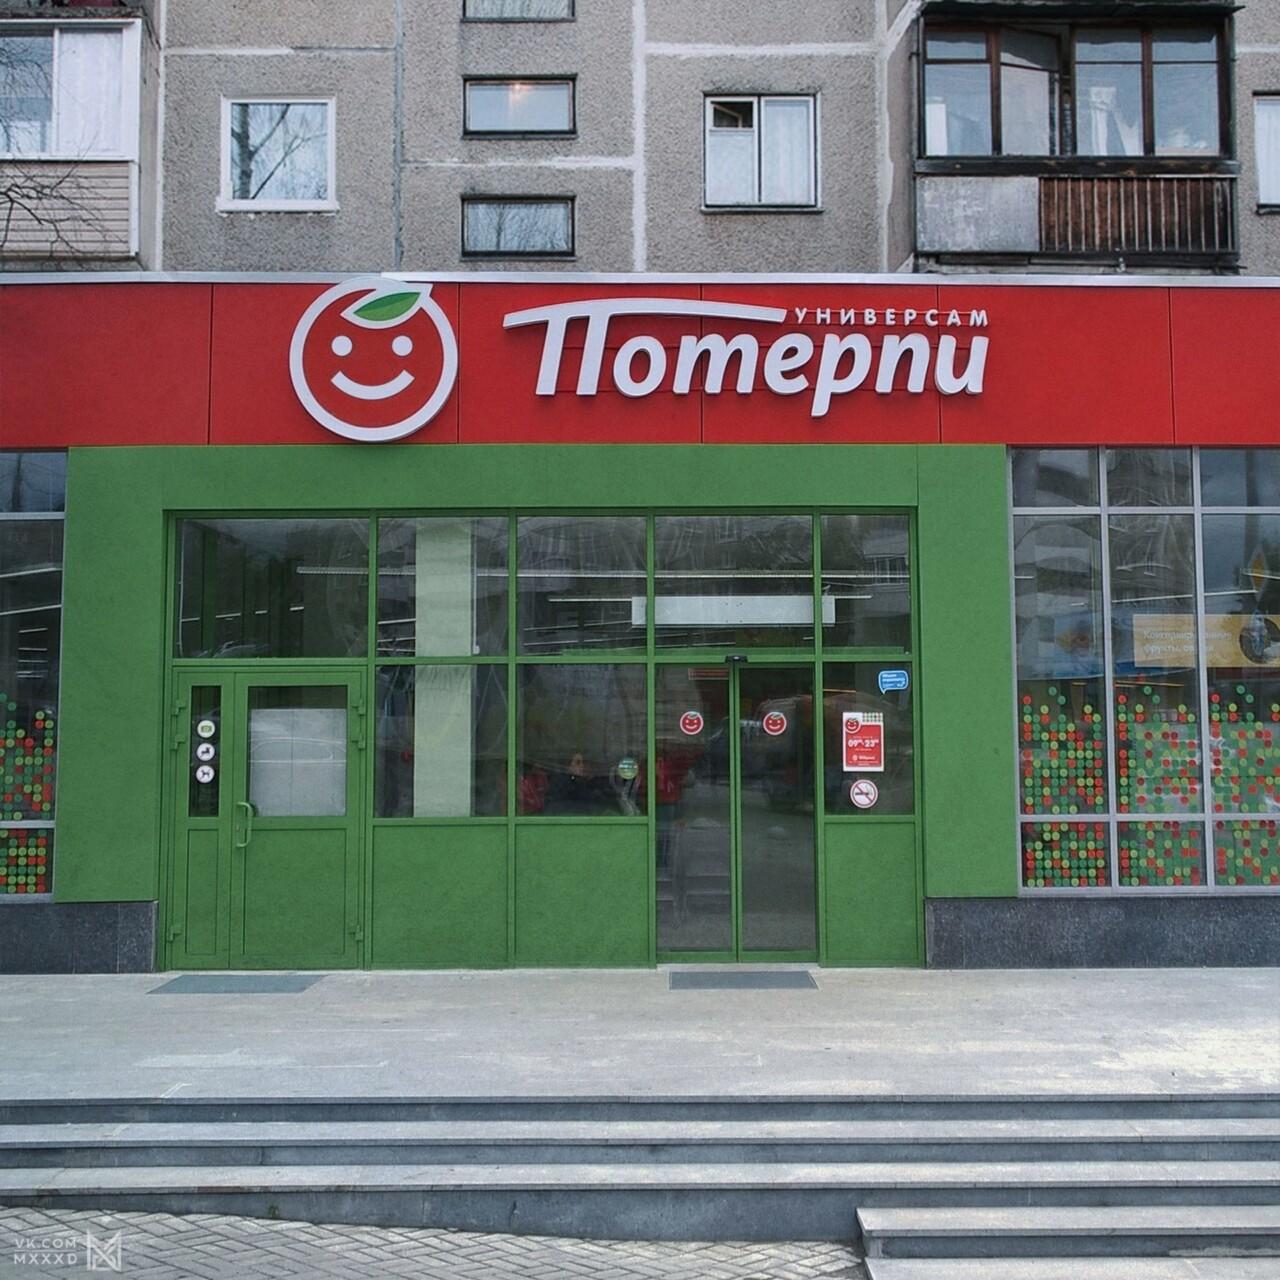 Арт: Альтернативные вывески российских магазинов